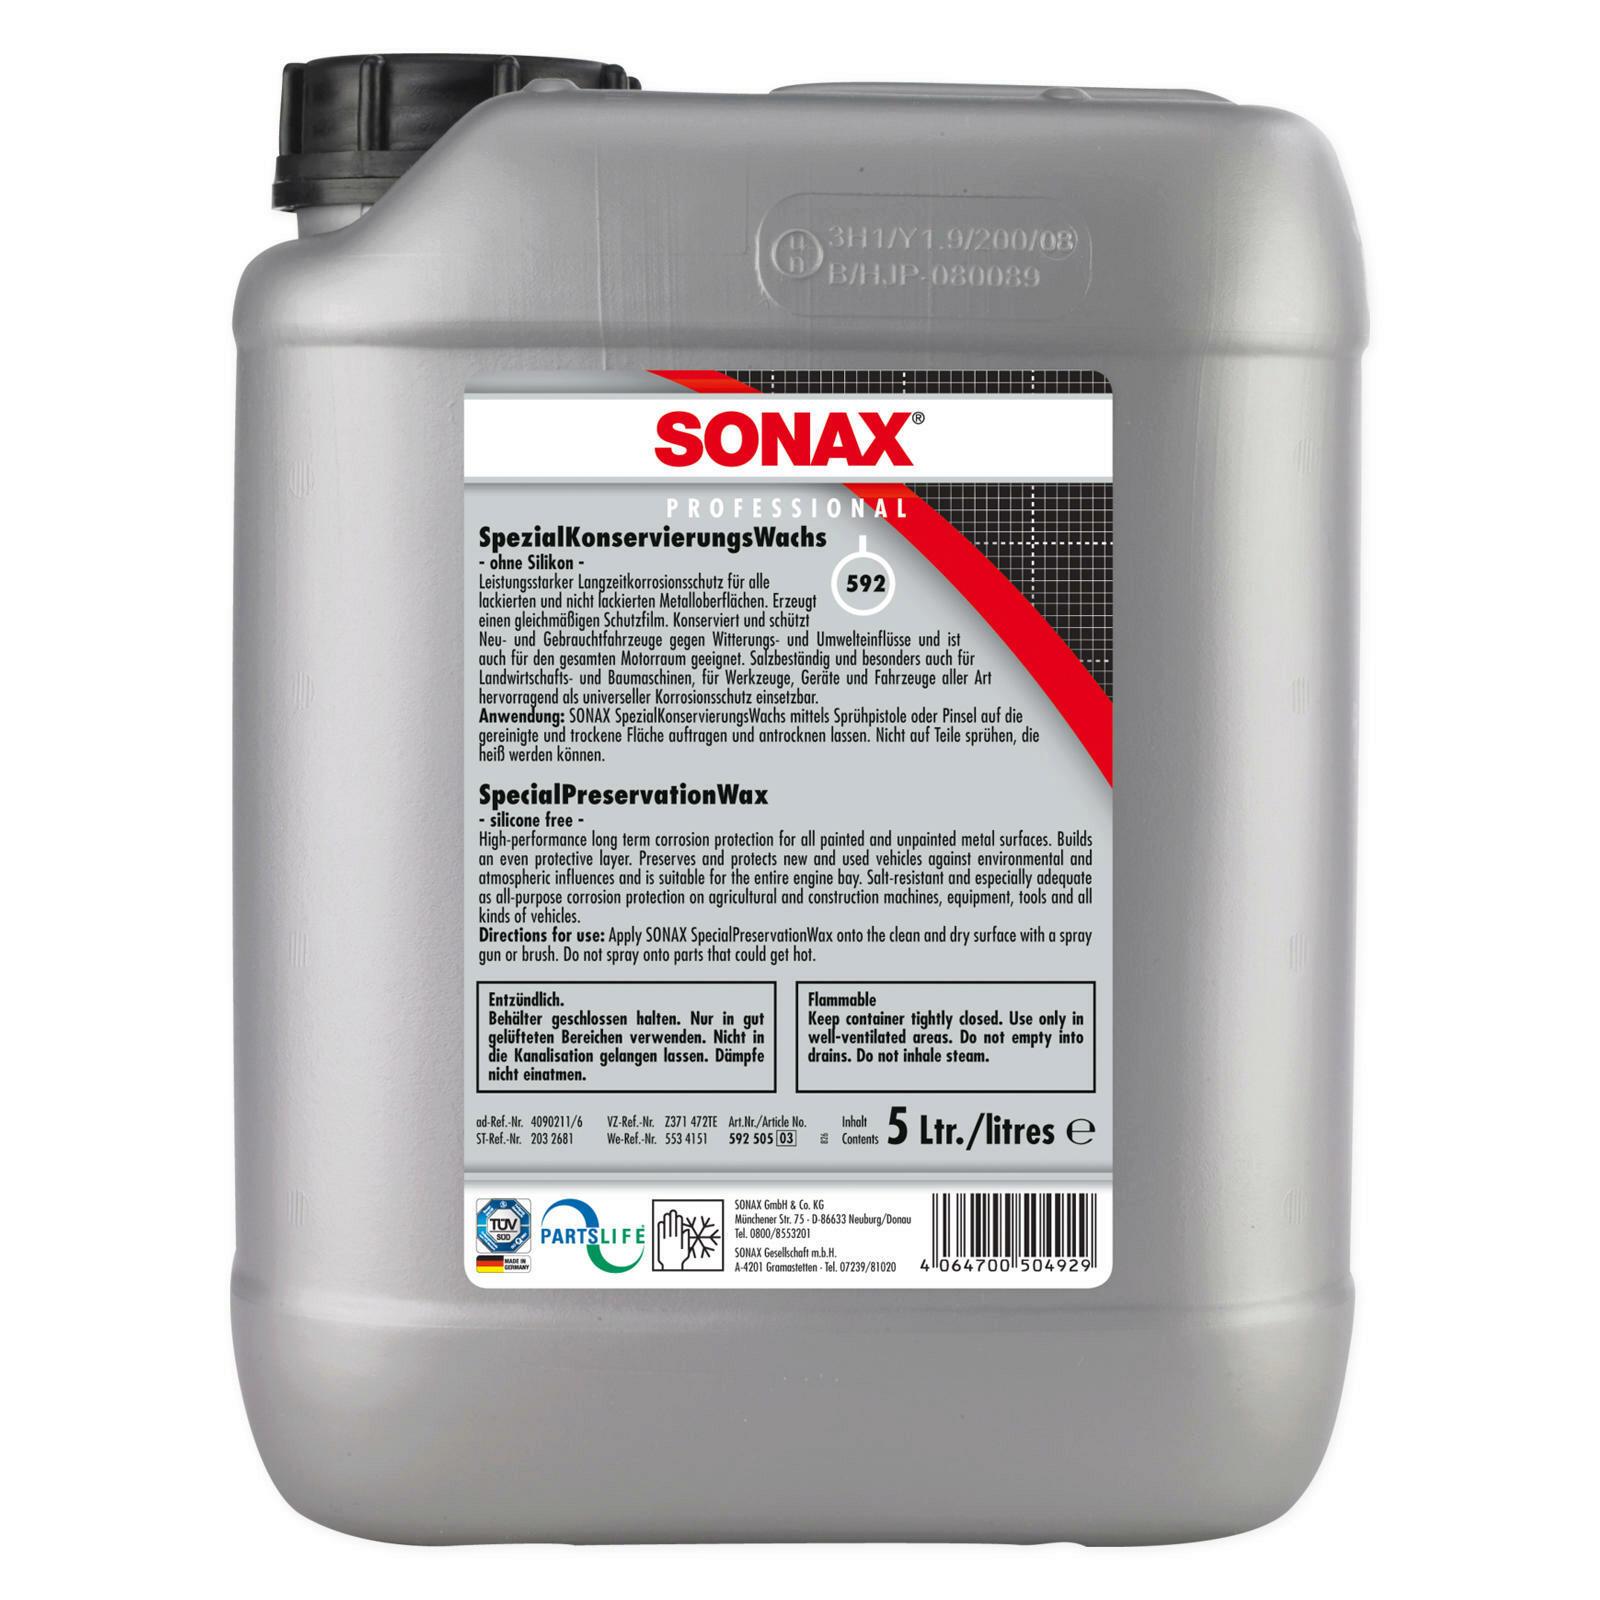 SONAX PROFESSIONAL SpezialKonservierungsWachs 5l